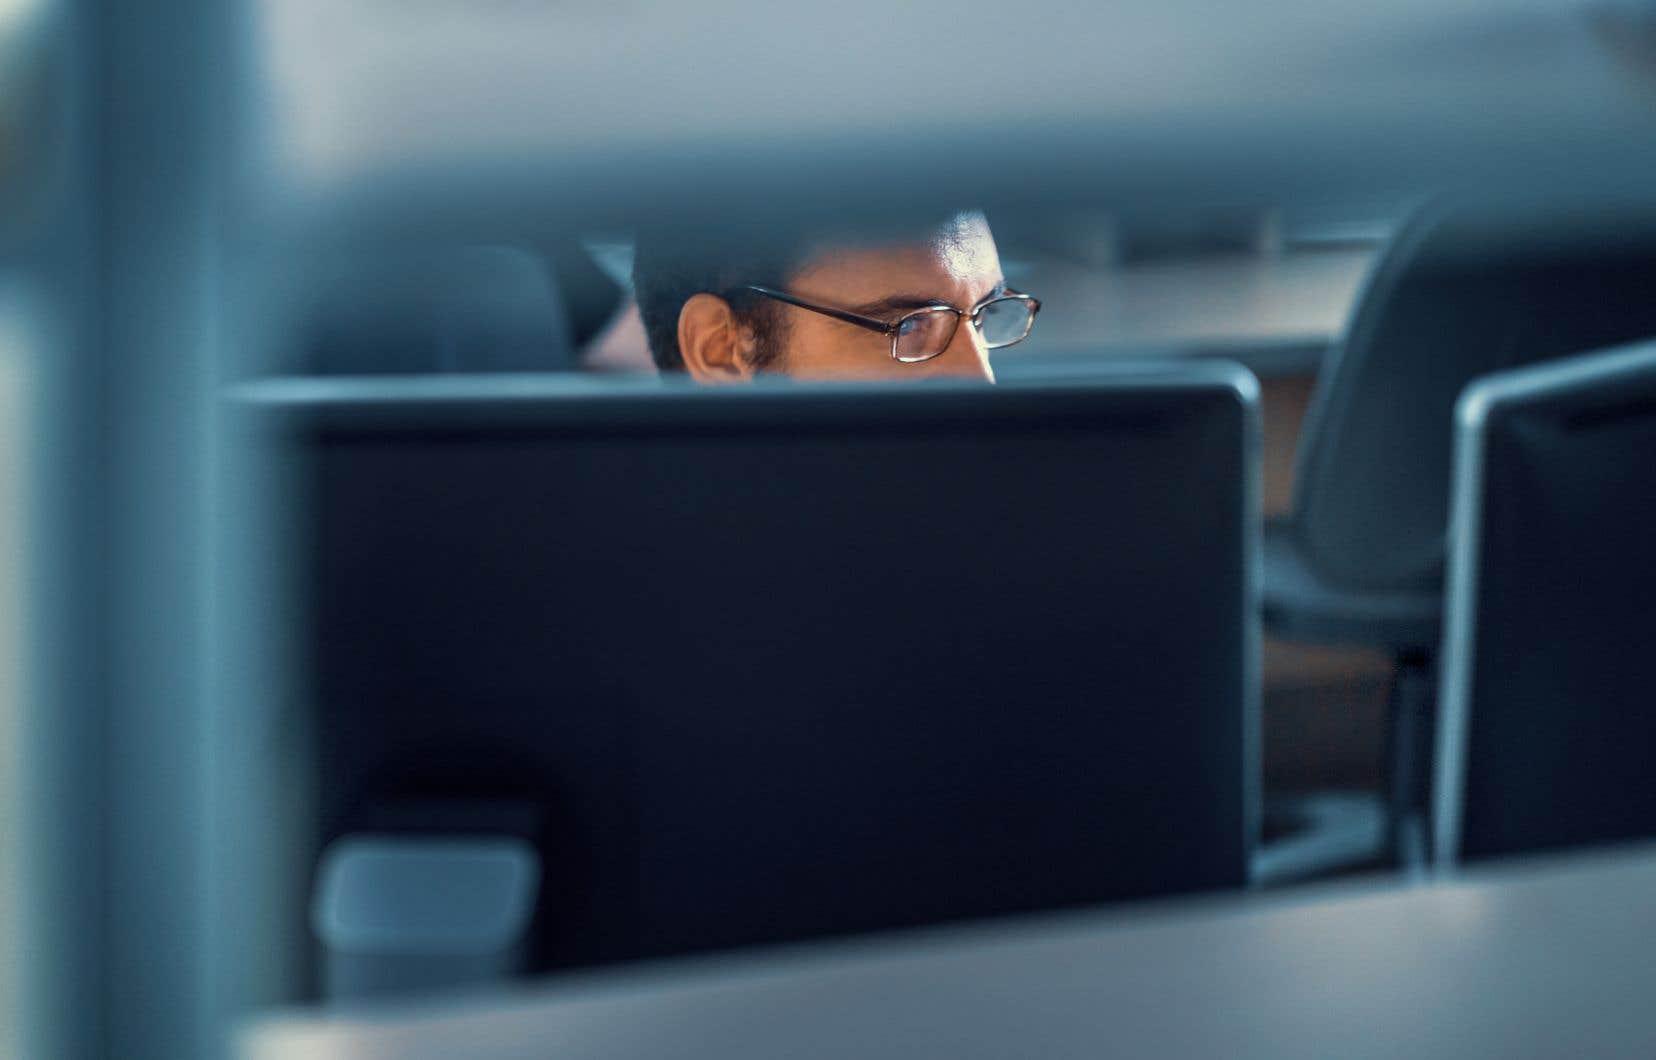 Le projet de loi 141 ferait disparaître le conseil au profit de la vente en ligne et de la vente sans représentant, selon les signataires d'une lettre parue mardi dans «Le Devoir».